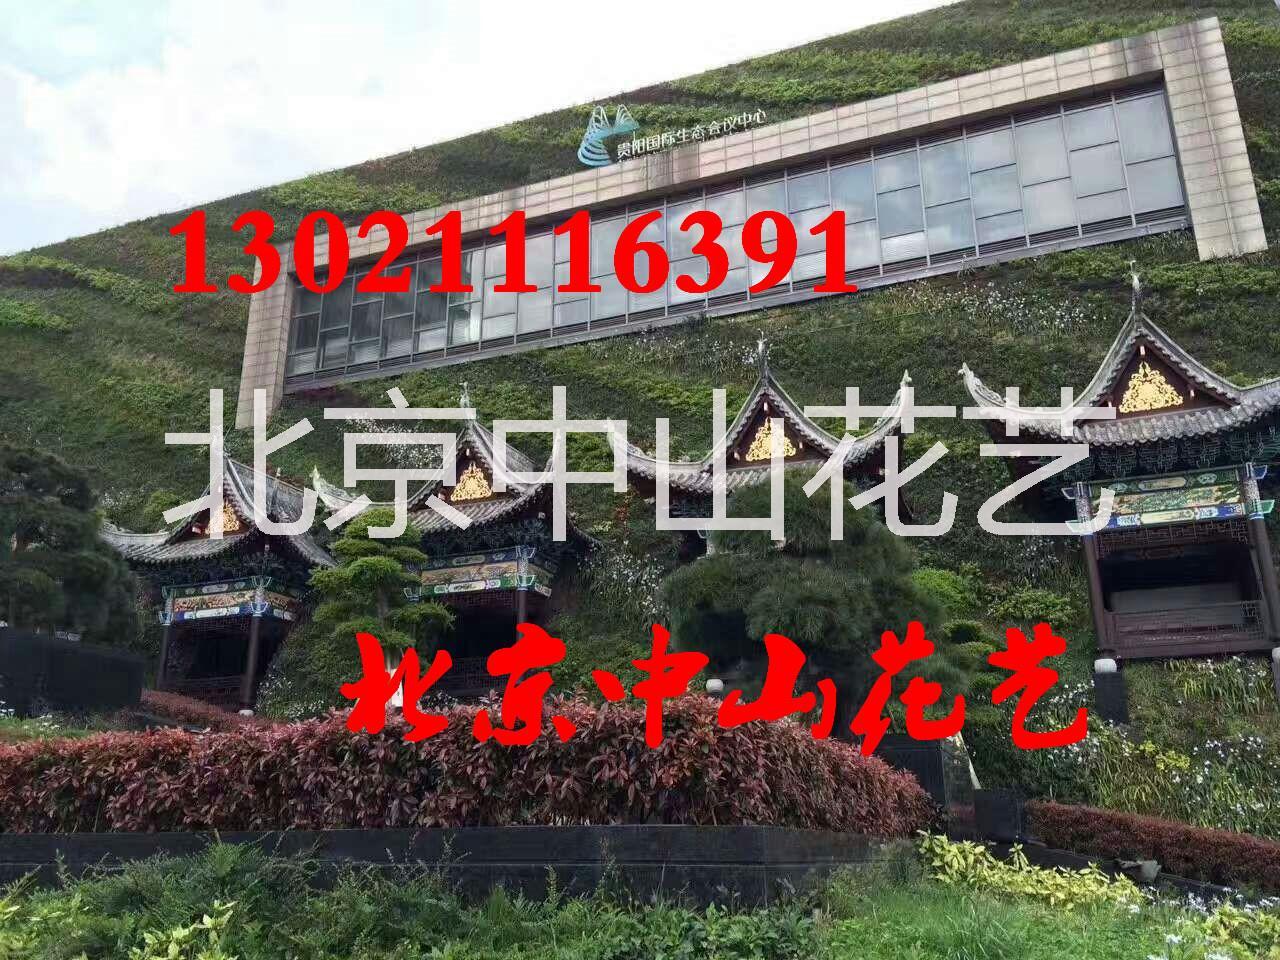 北京仿真植物墙定做室内植物墙墙体 立体墙仿真植物墙仿真花墙户外墙面 墙面装饰商务办公楼装饰设计家装仿